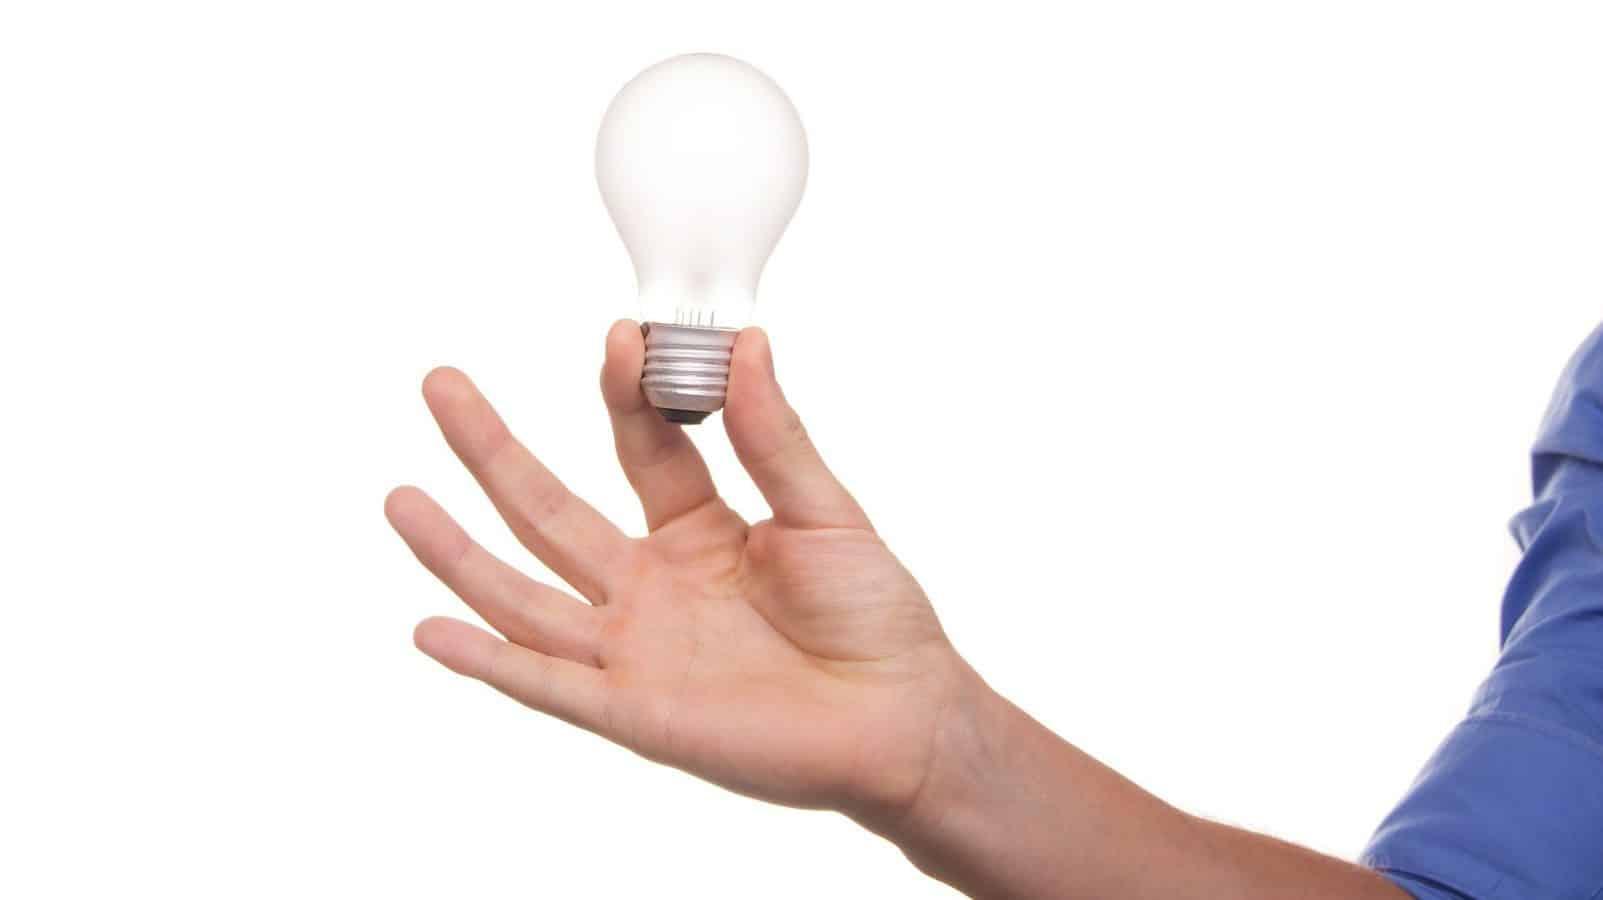 light bulb smart home